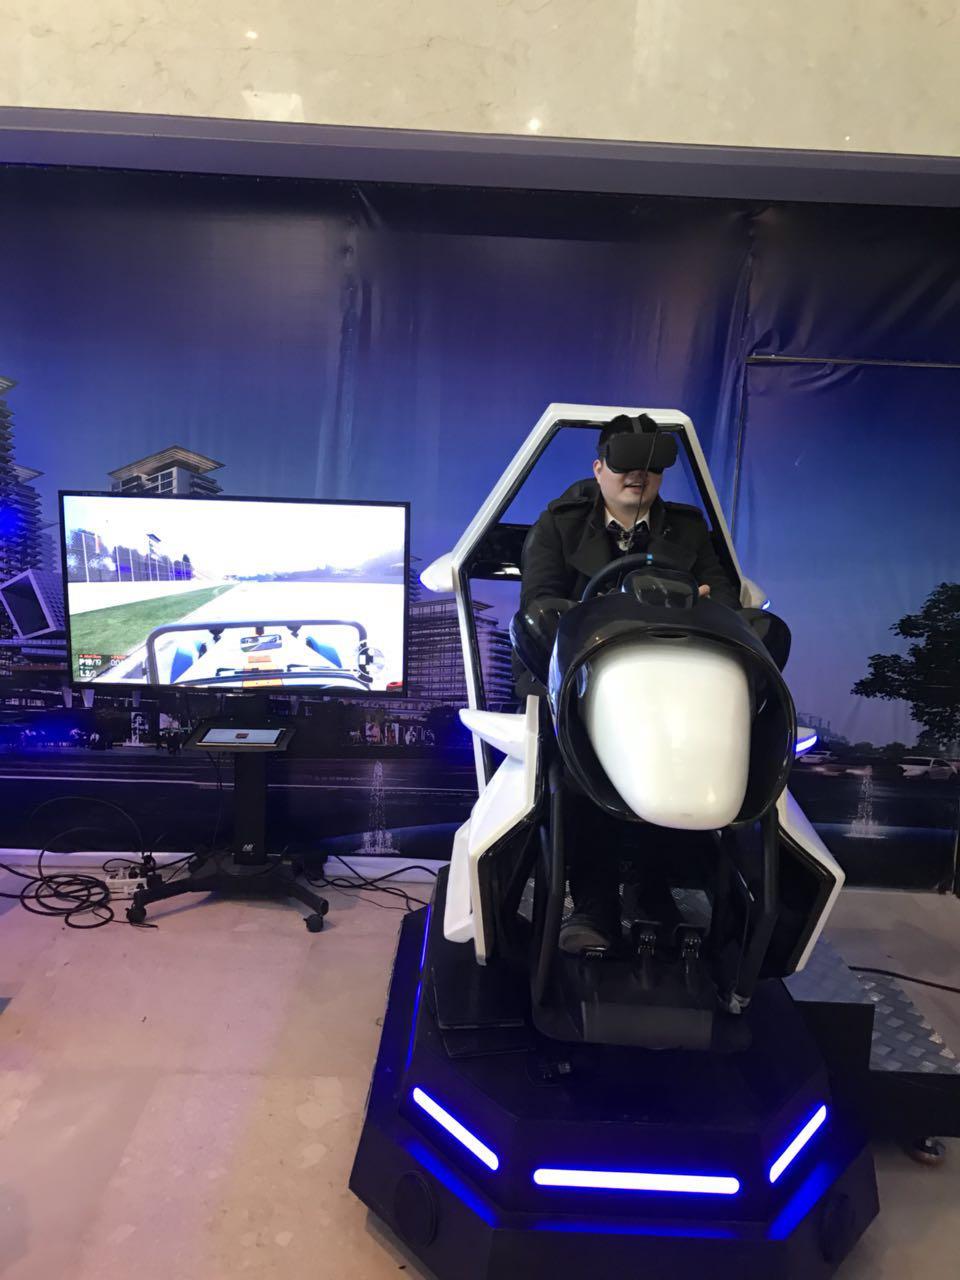 江苏逼真驾驶VR赛车出租科技体验活动,VR赛车出租